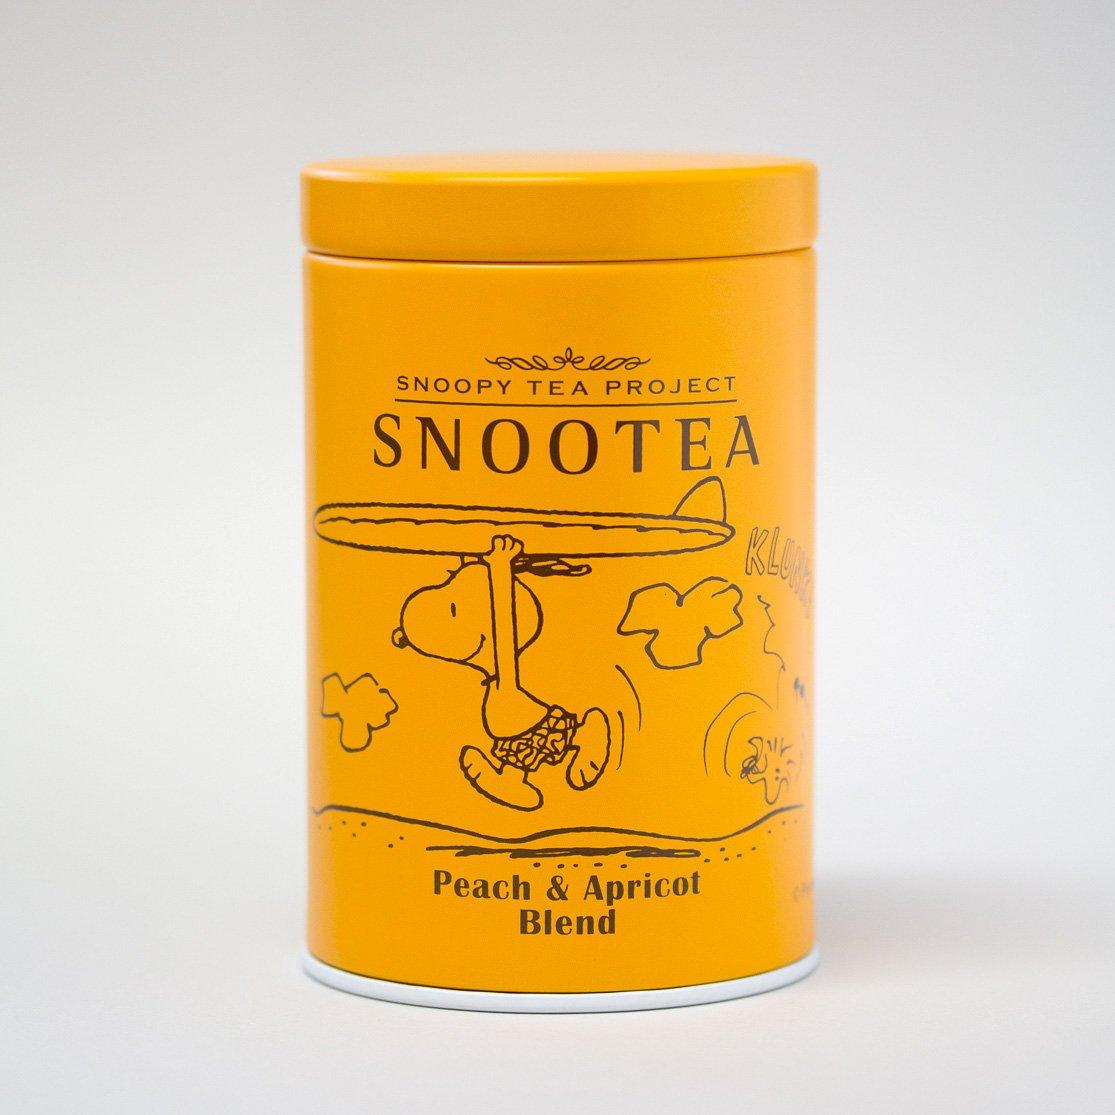 【SNOOTEA新商品】SNOOTEAピーチ&アプリコットブレンドスヌーティーの限定缶シリーズの中でも大人気の「ピーチ&